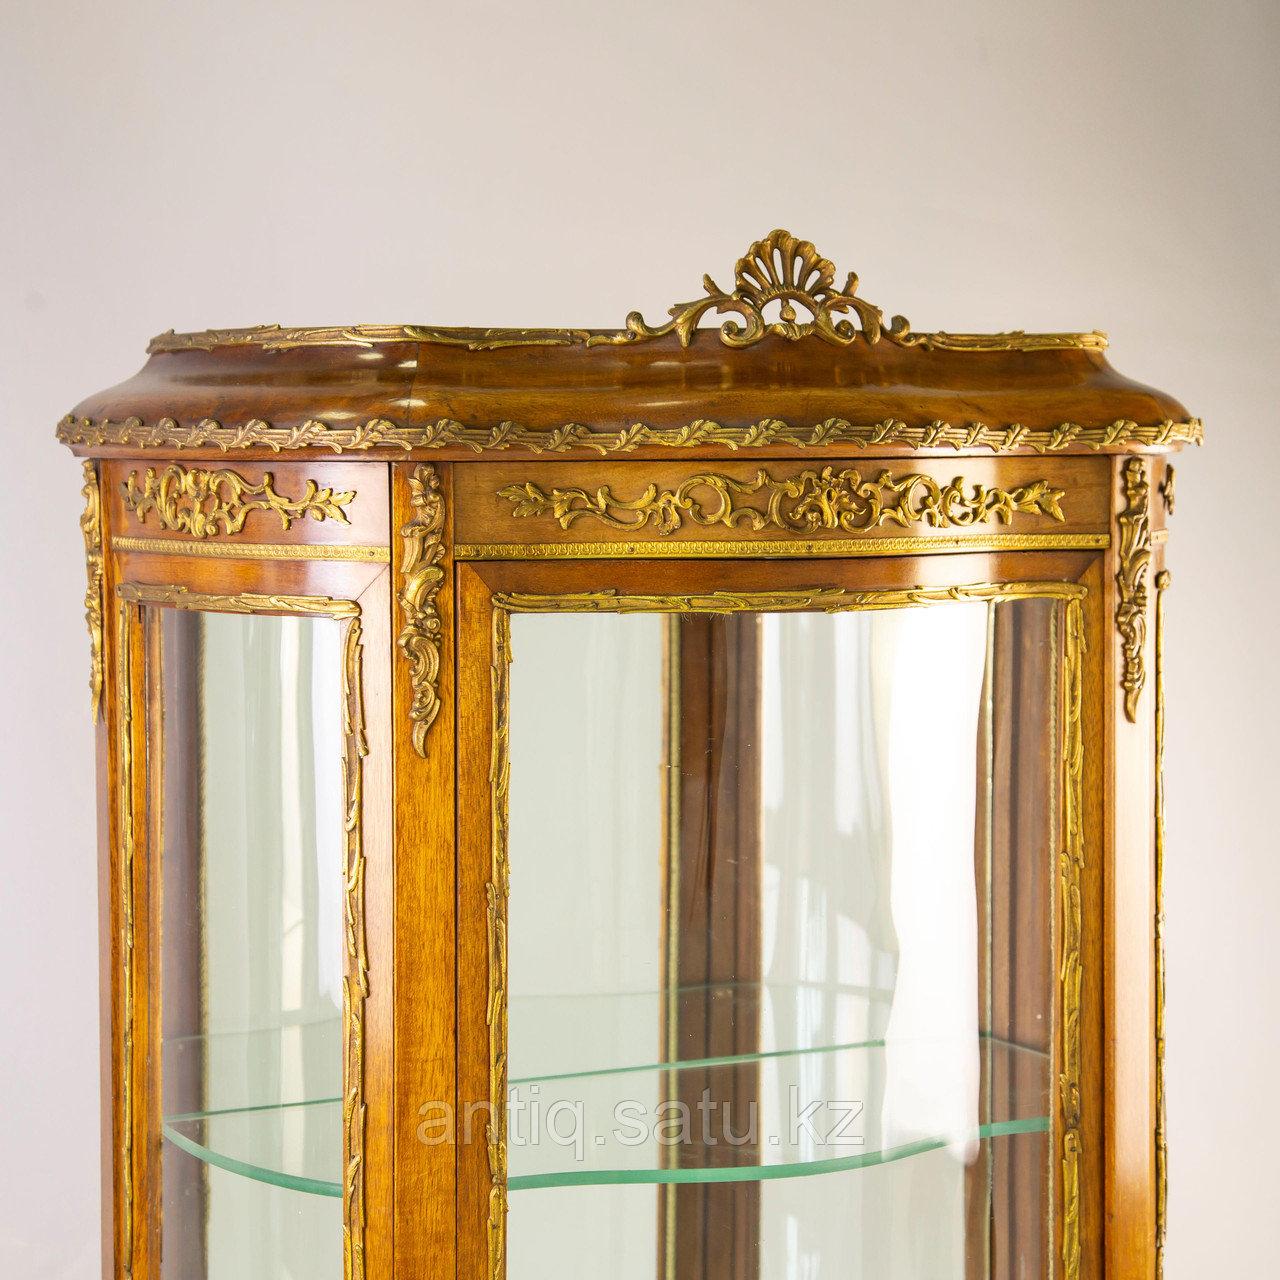 Витрина в дворцовом стиле Франция. II половина XIX века - фото 5